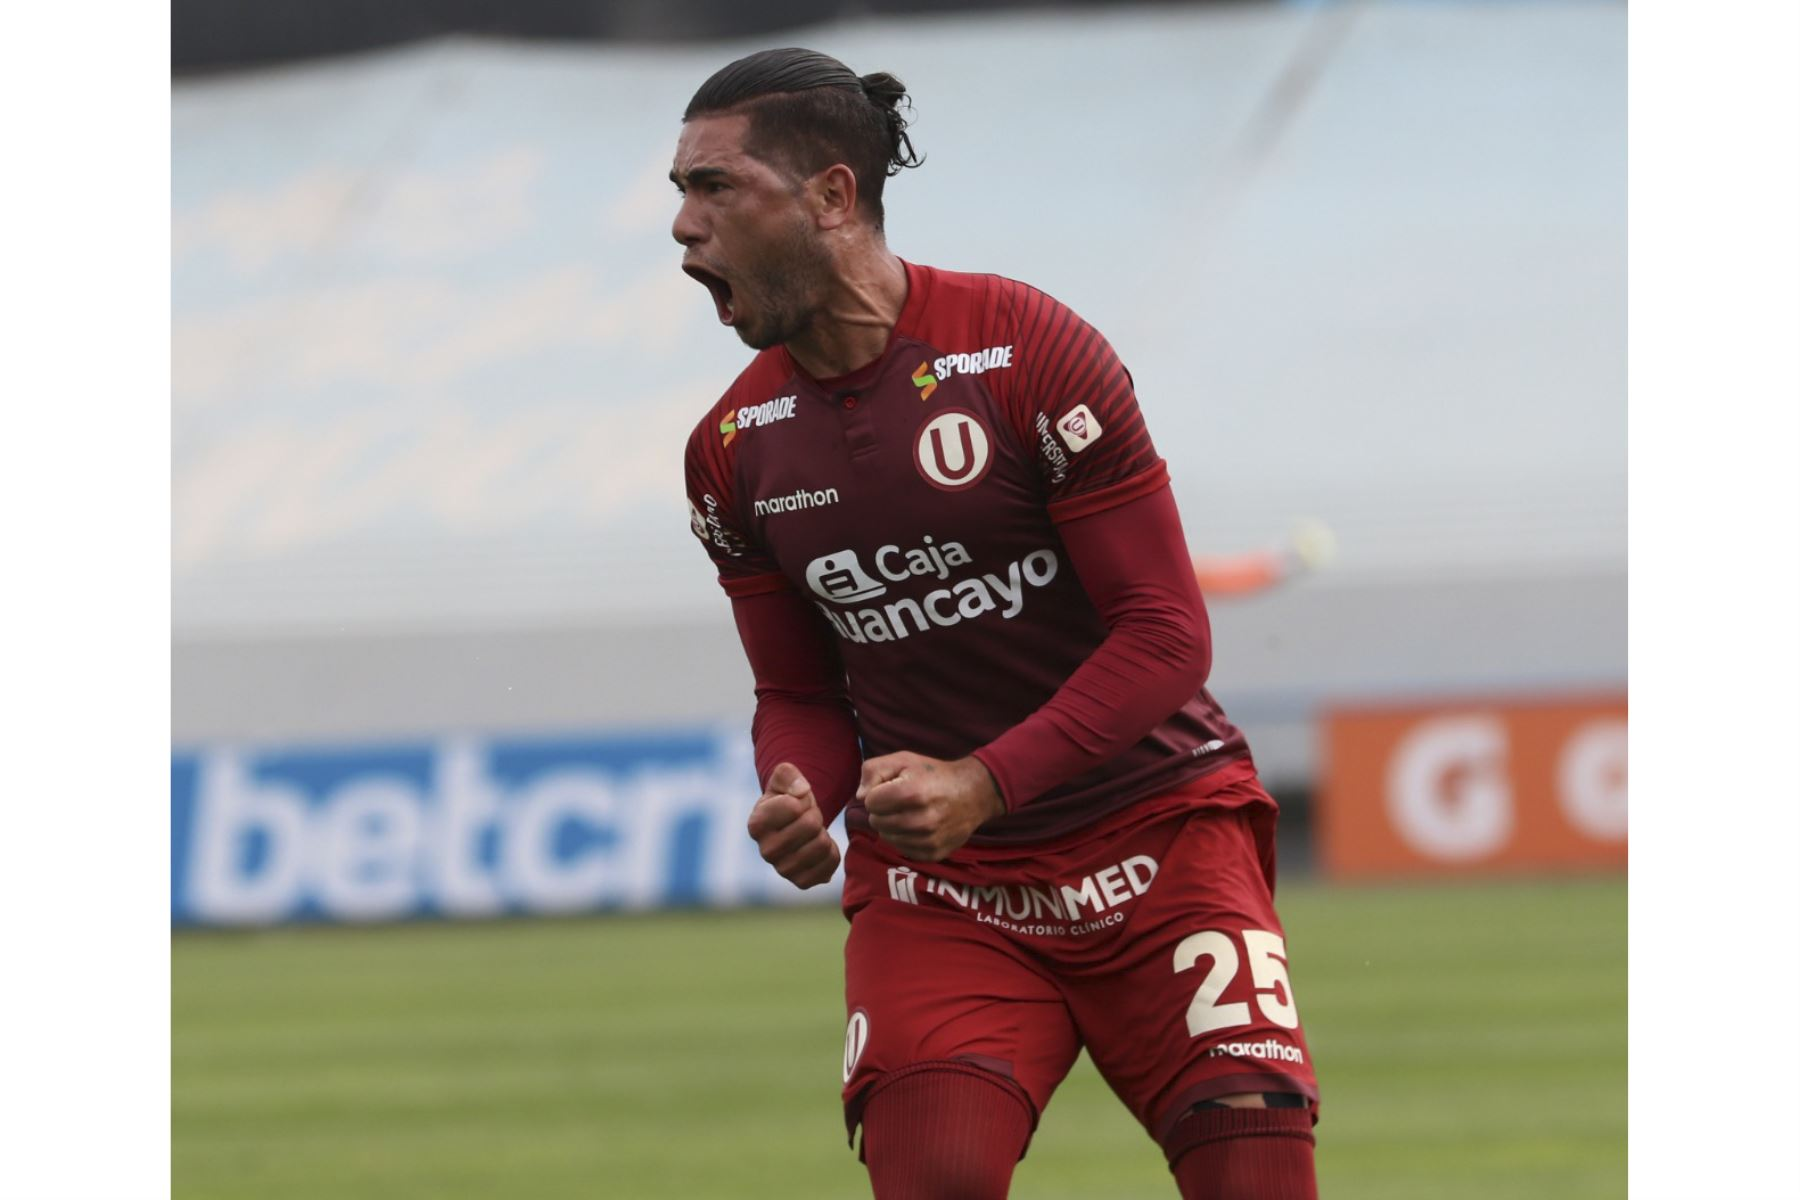 Jonathan Dos Santos celebra luego de anotar en la goleada de Universitario de Deportes a Deportivo Municipal que culminó 5-0 por la fecha 15 del Torneo Apertura de la Liga 1.   Foto: FPF